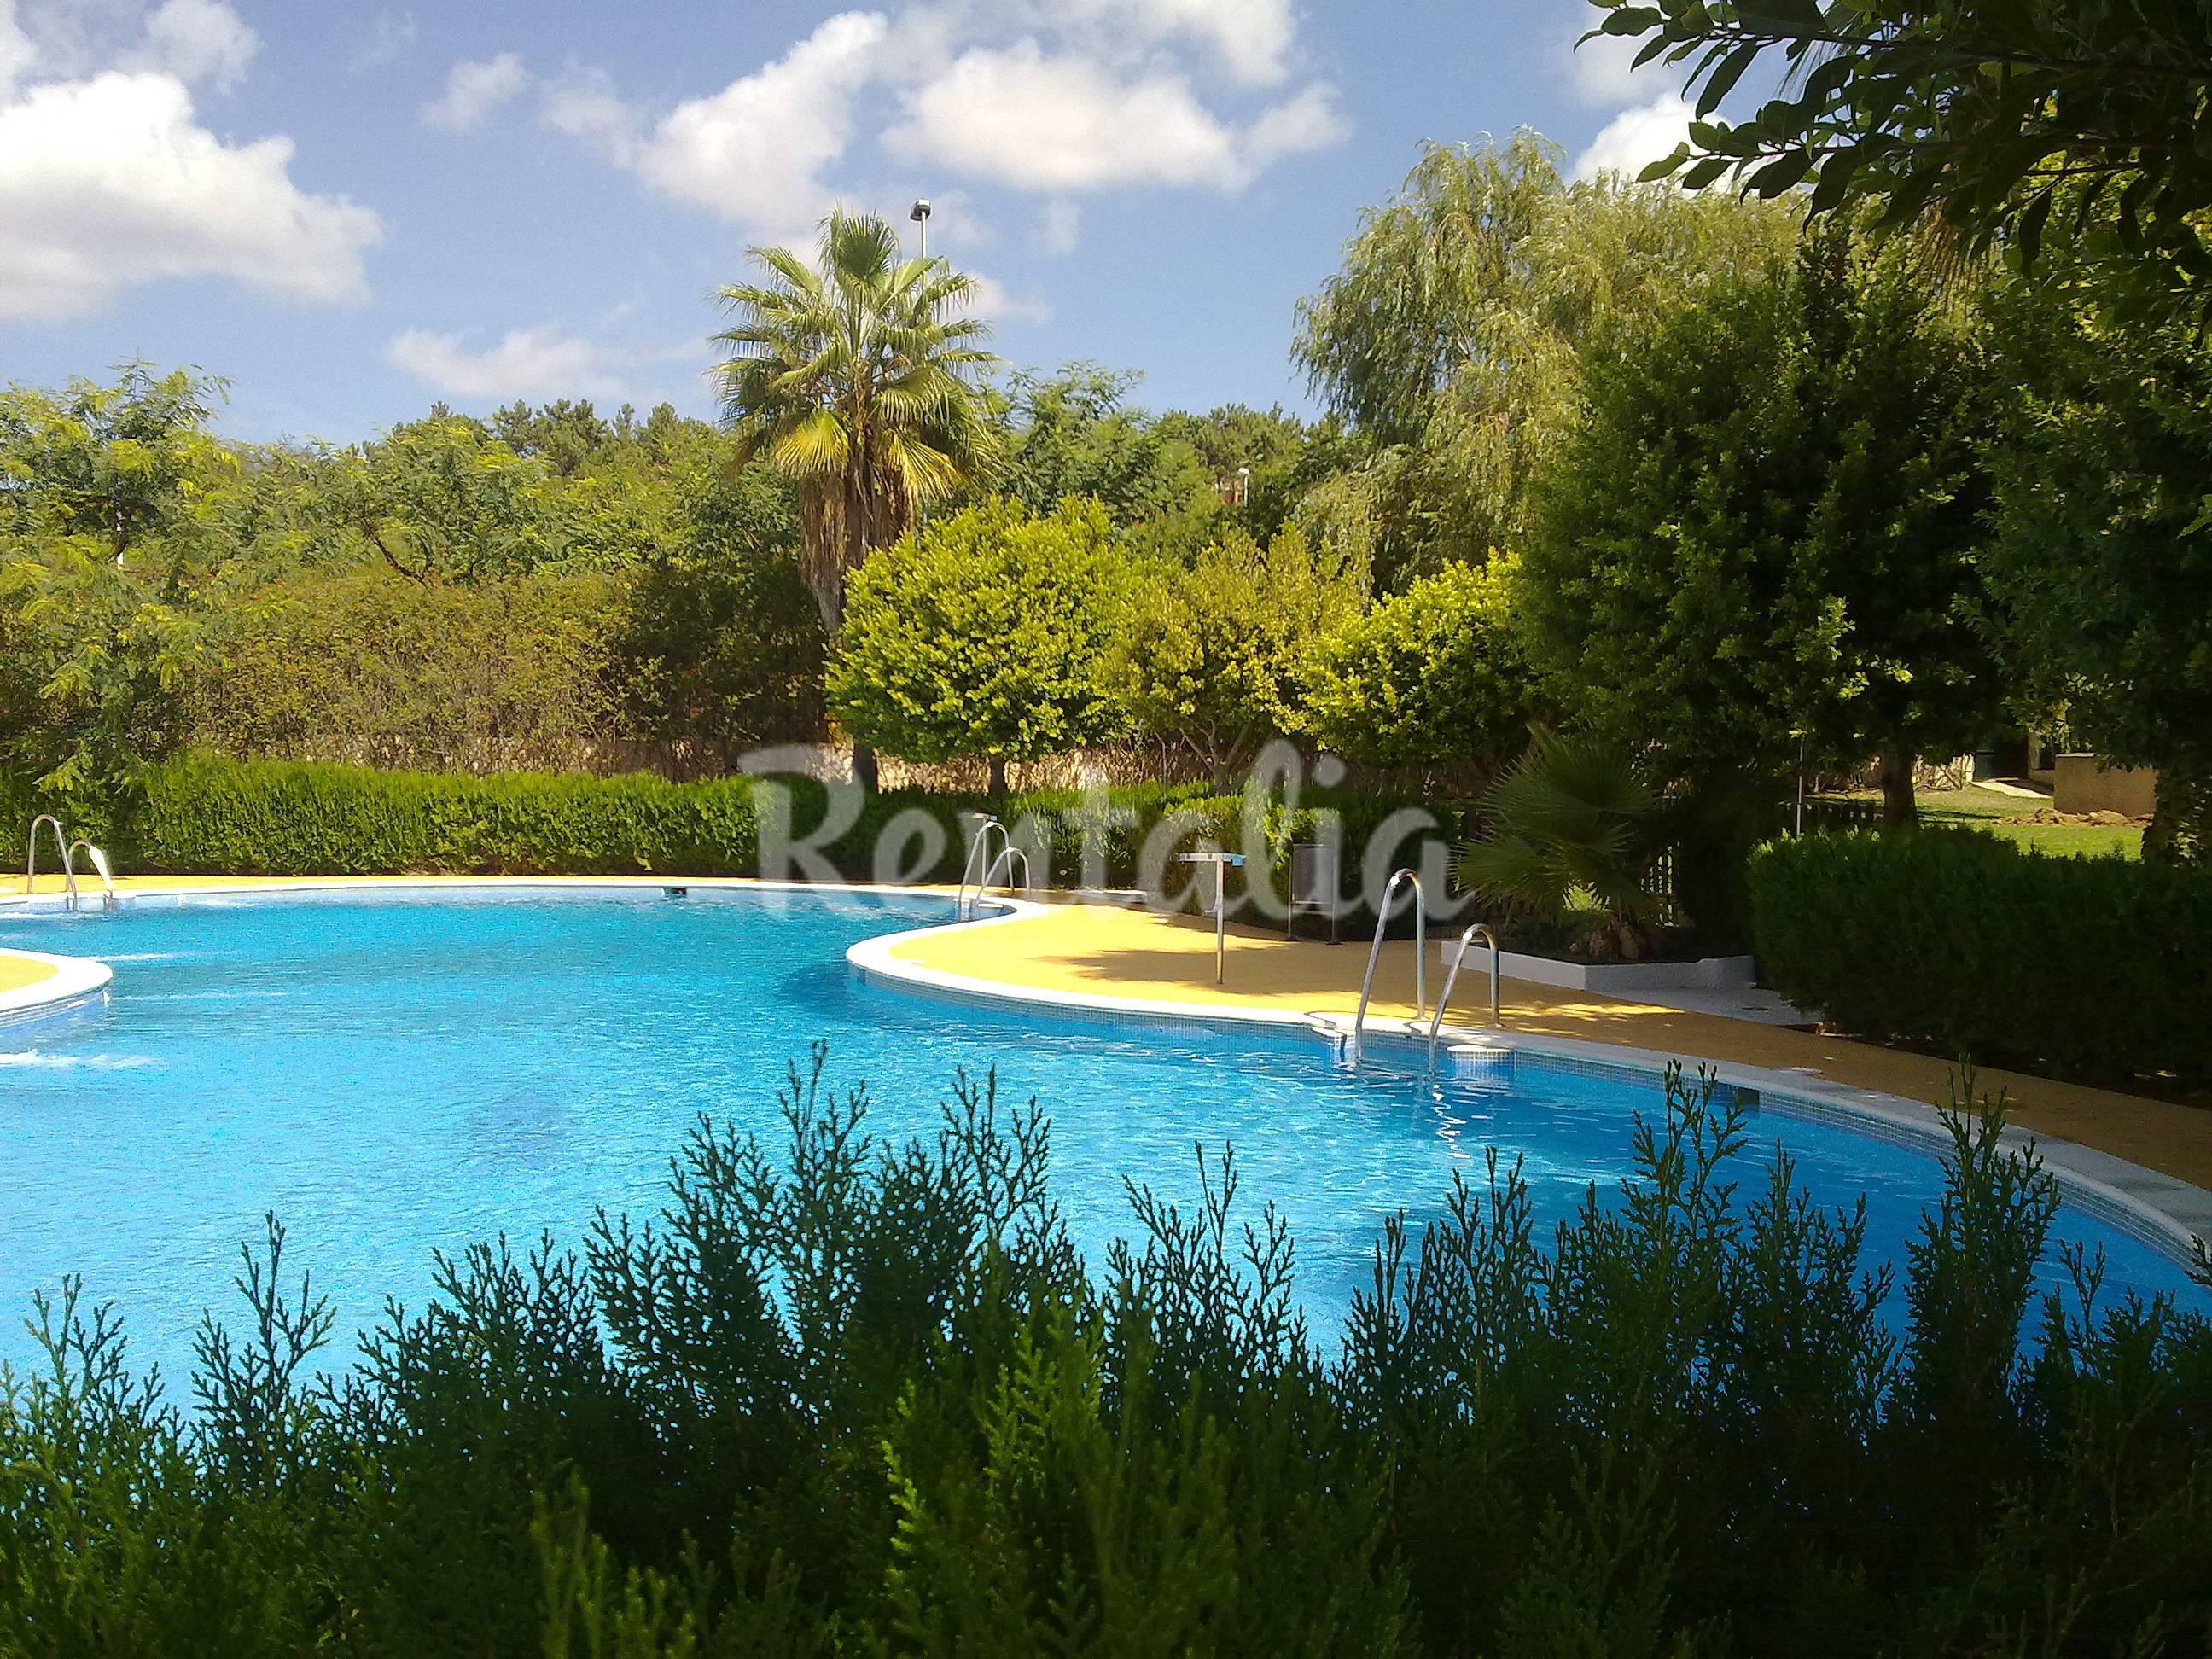 Apartamento para 2 4 personas a 150 m de la playa - Rentalia islantilla ...